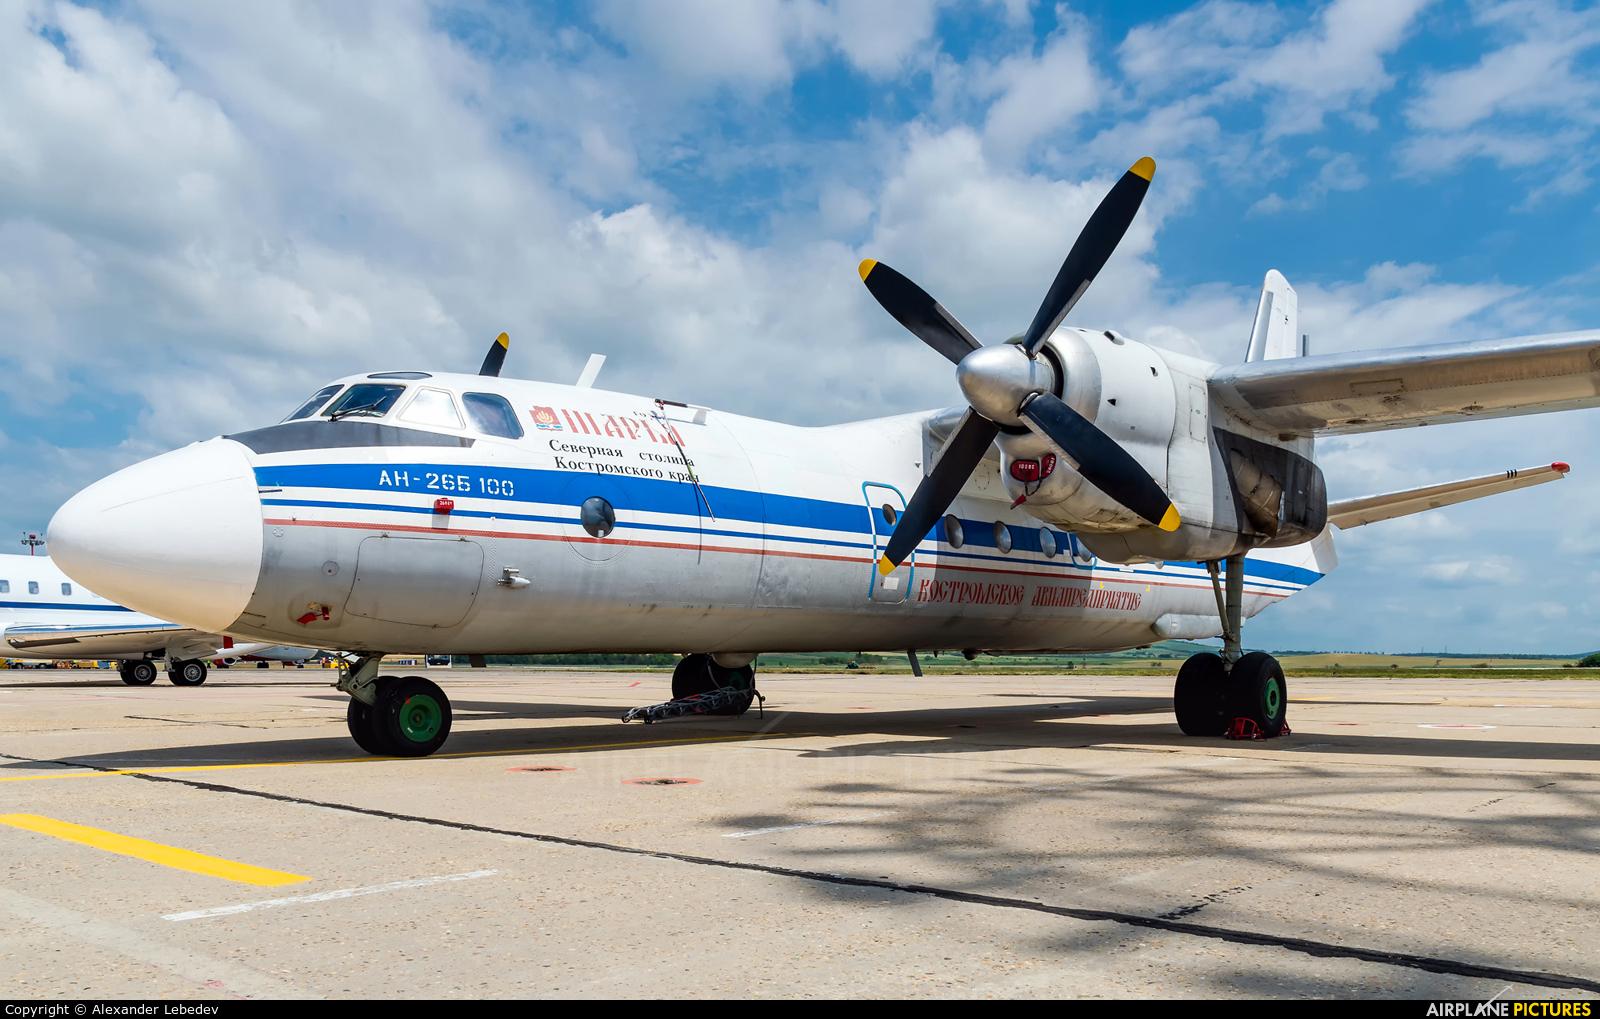 Kostroma Air Enterprise RA-26081 aircraft at Anapa Airport